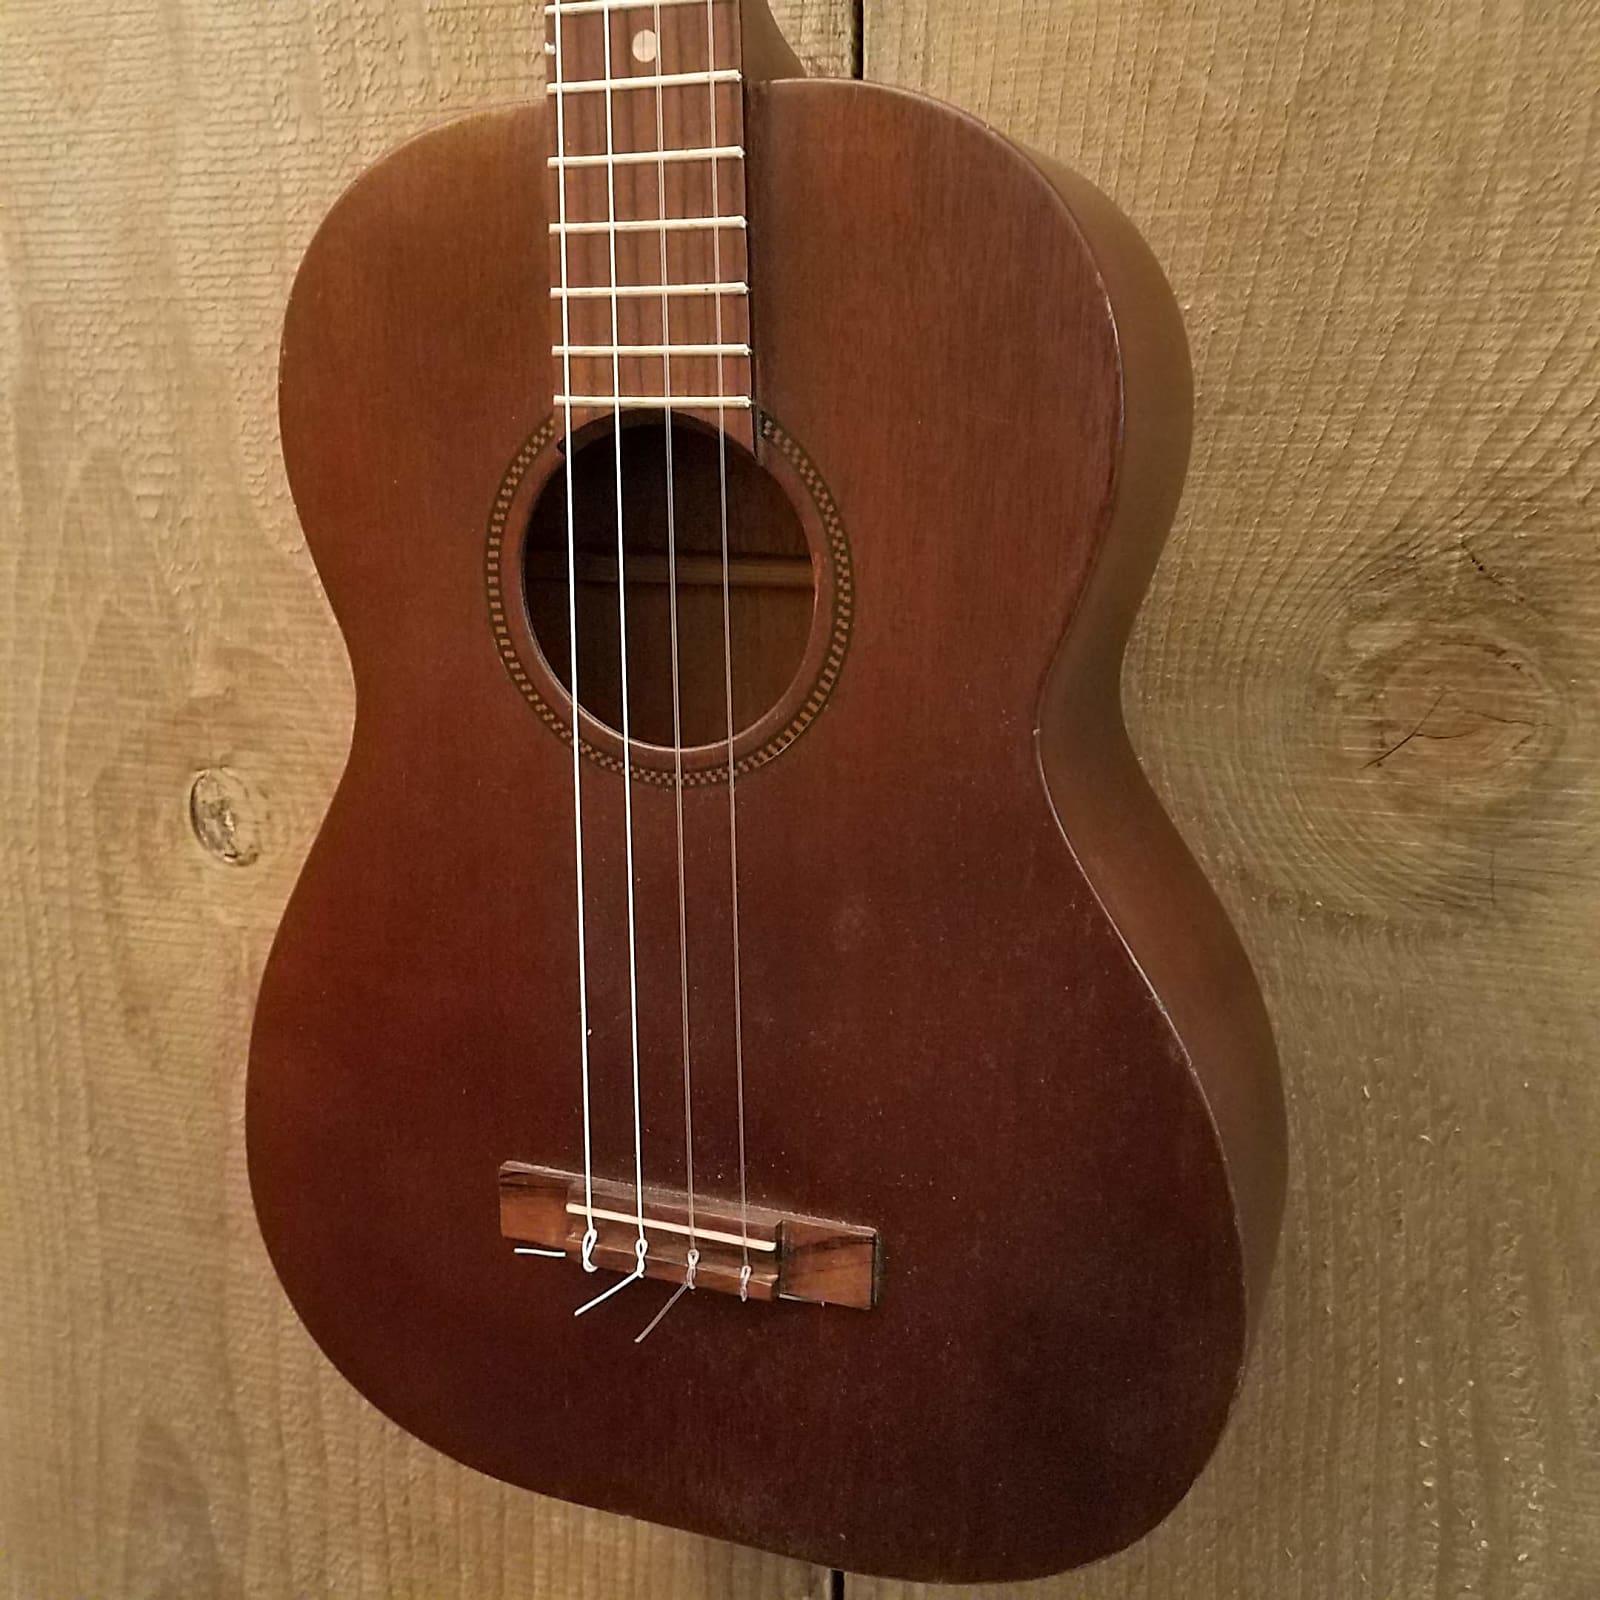 Baritone Ukulele Solid Mahogany Vintage 1950's